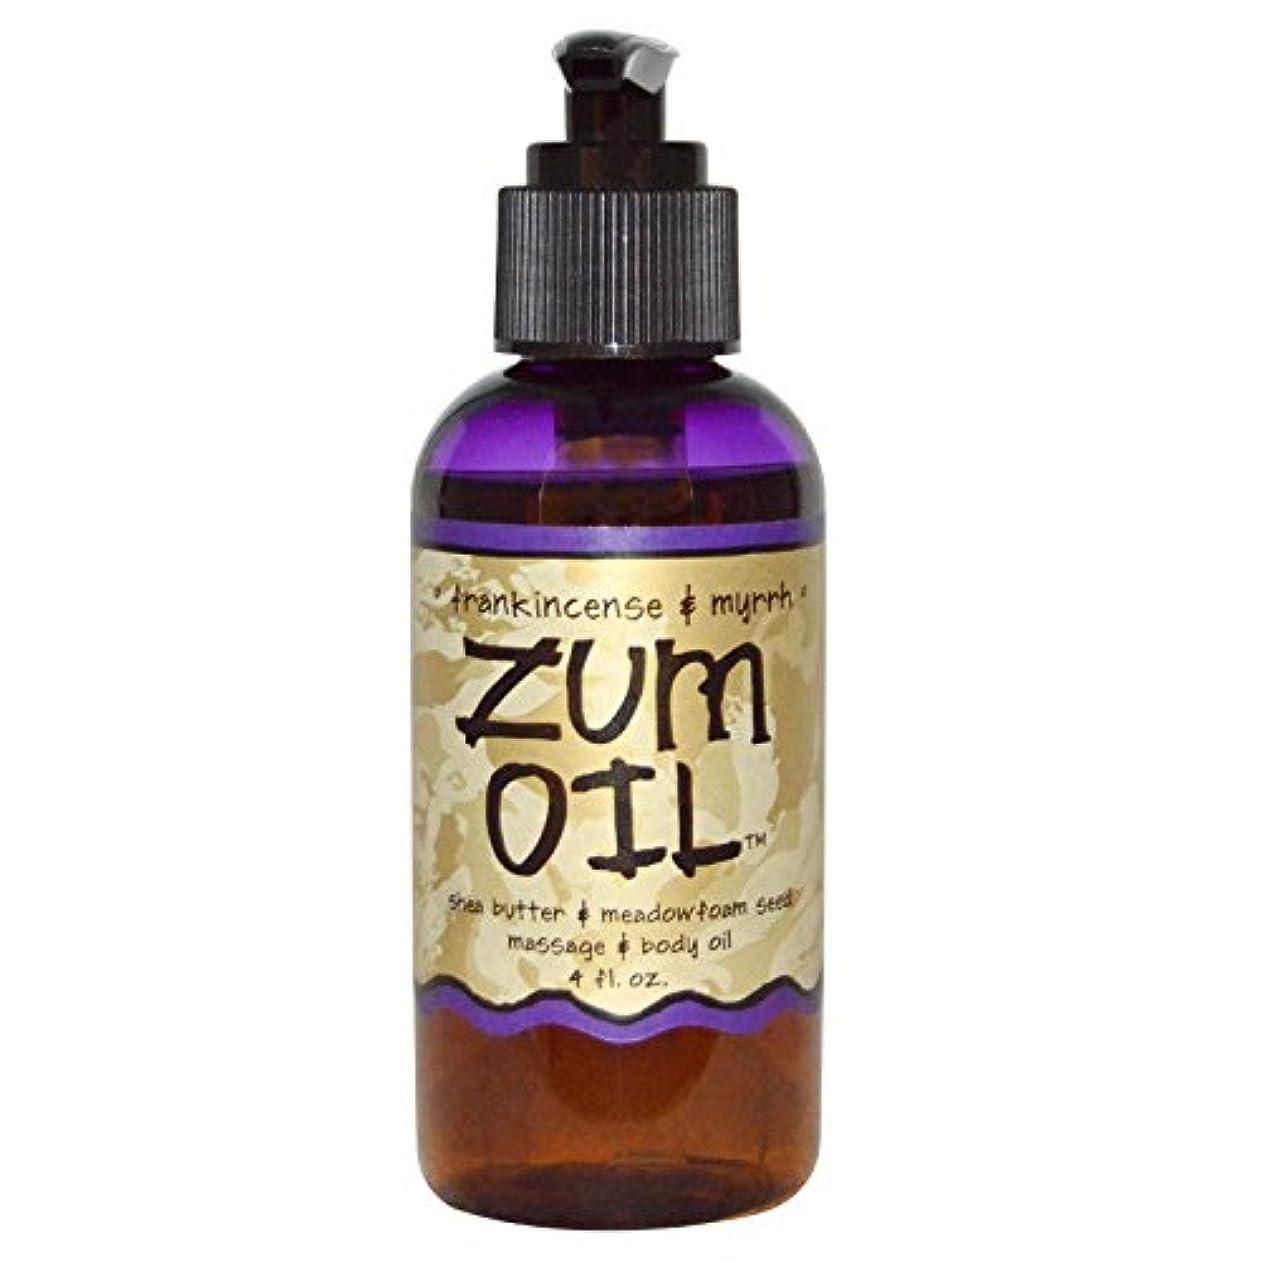 著者あいまい市民権【Zum Oil】マッサージオイル(フランキンセンス&ミルラの香り) 約118ml [並行輸入品]